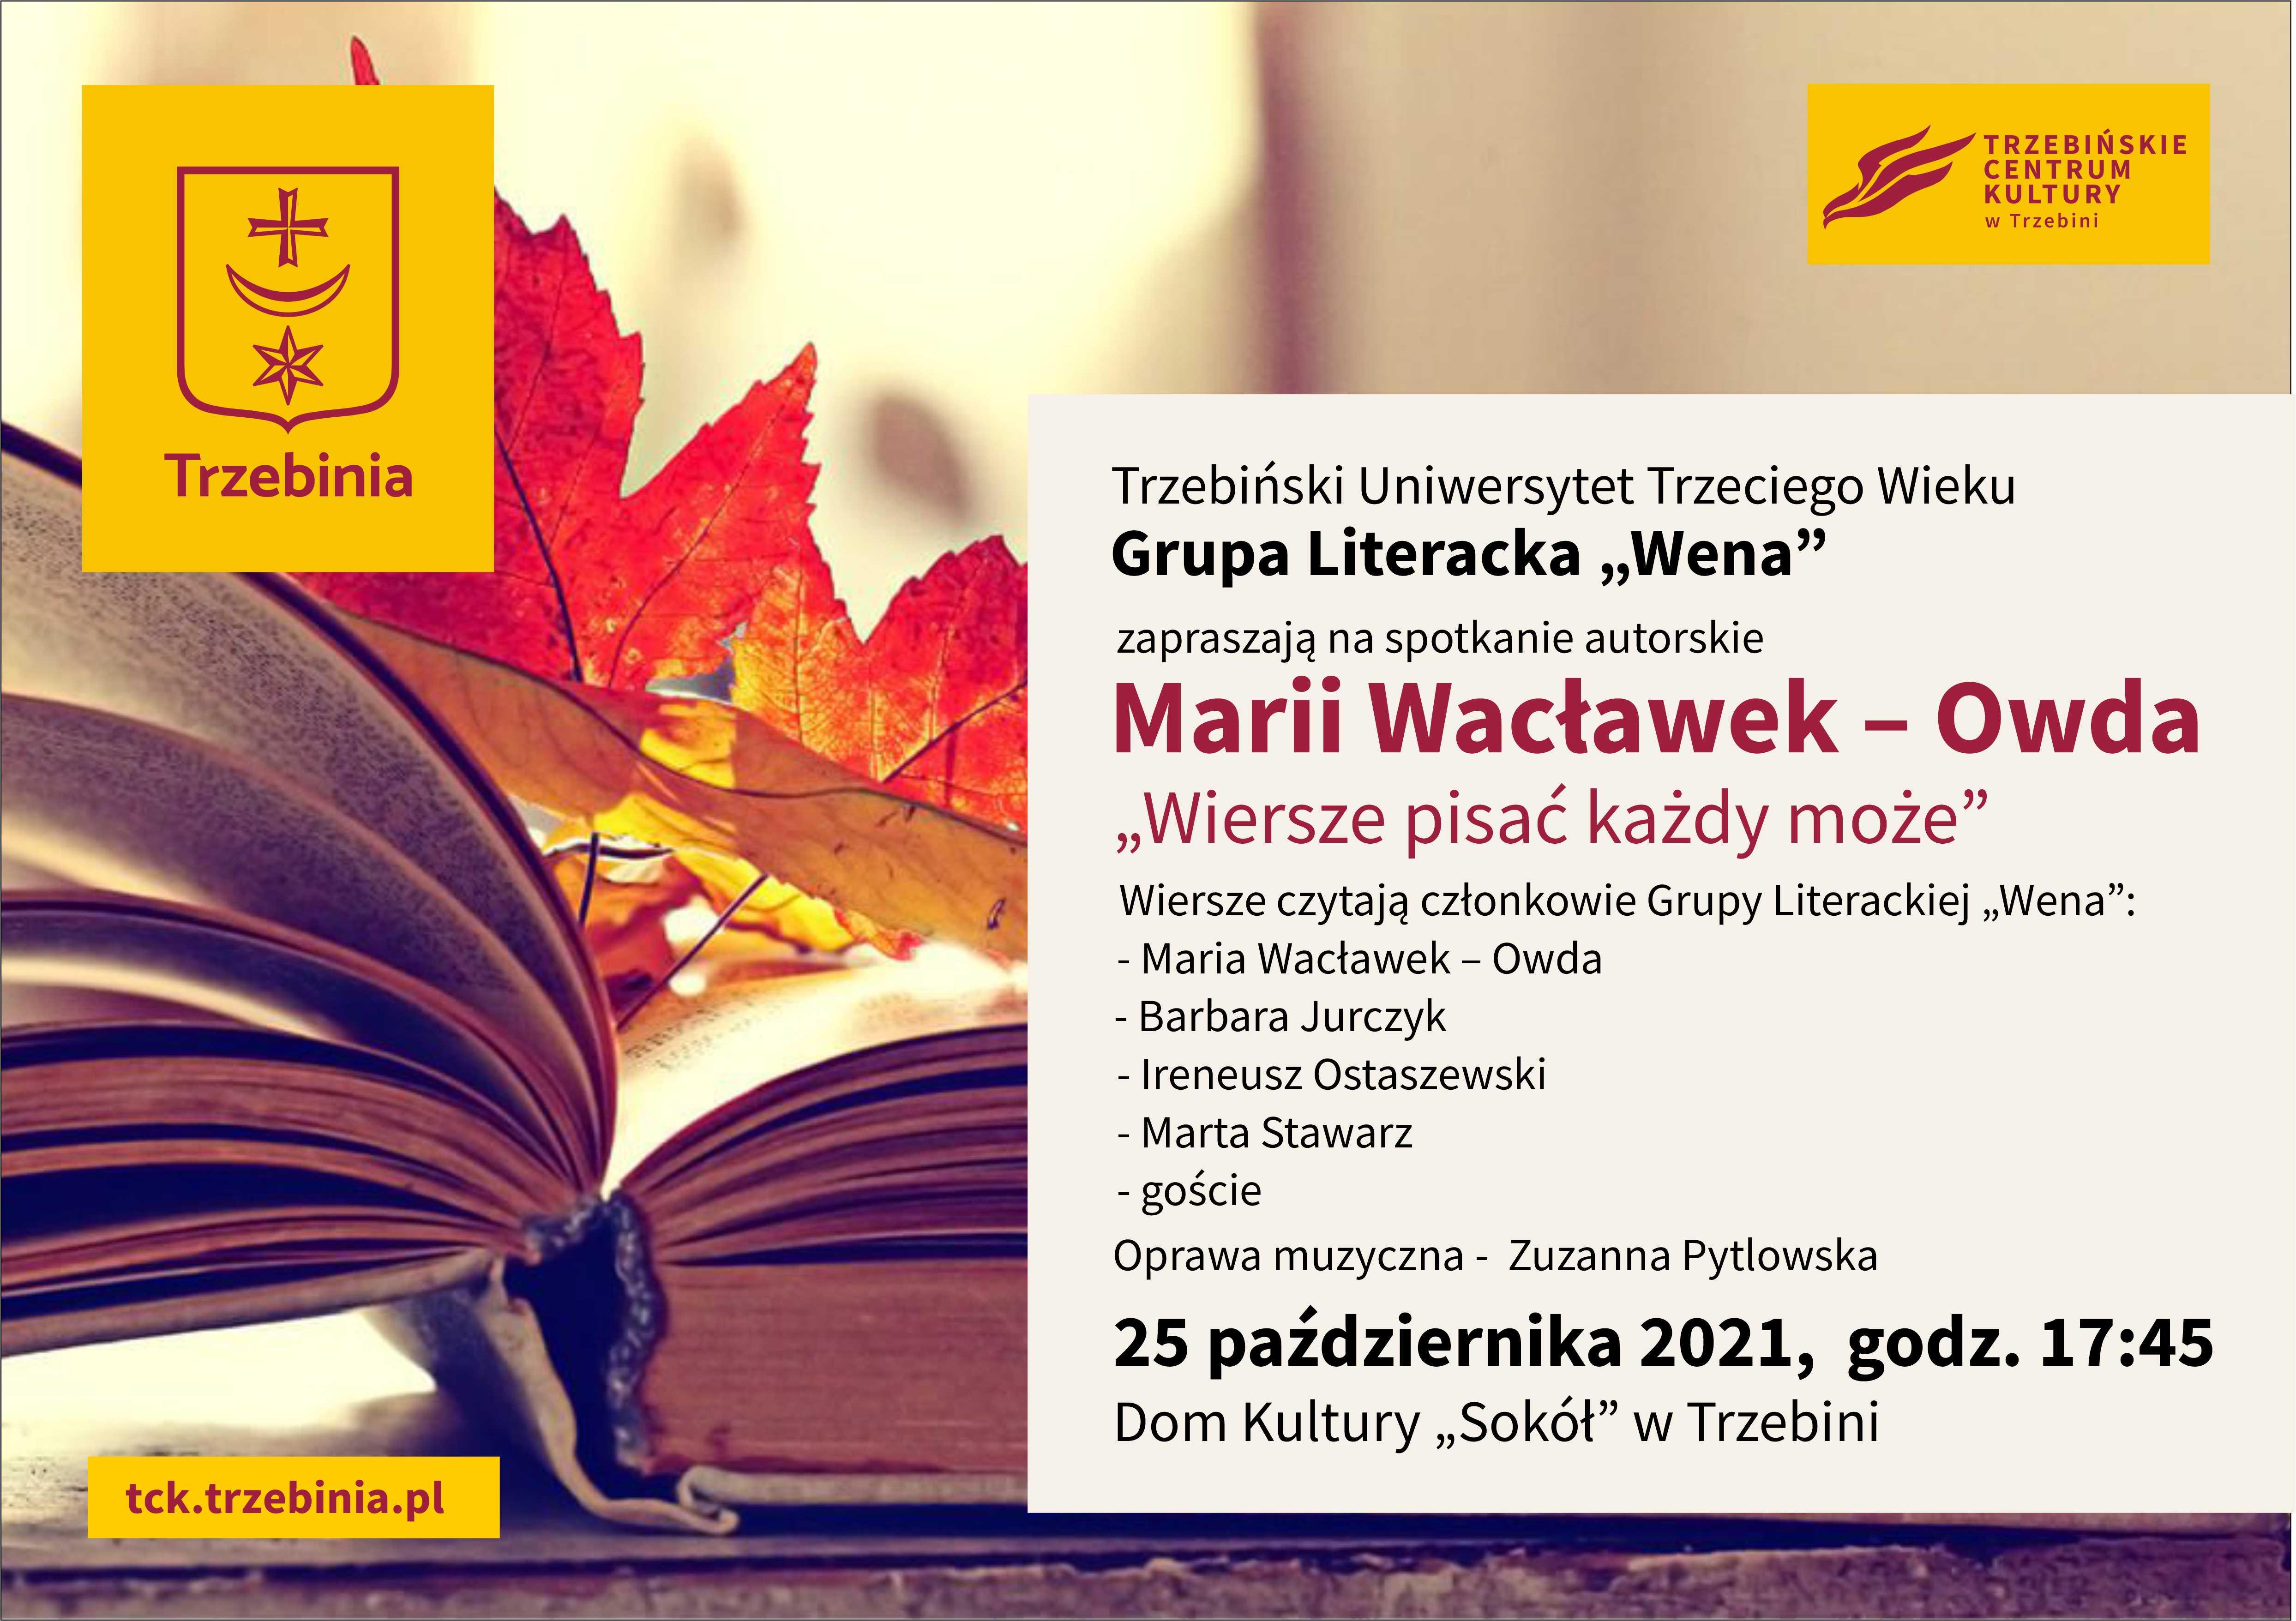 Spotkanie autorskie Marii Wacławek-Owda